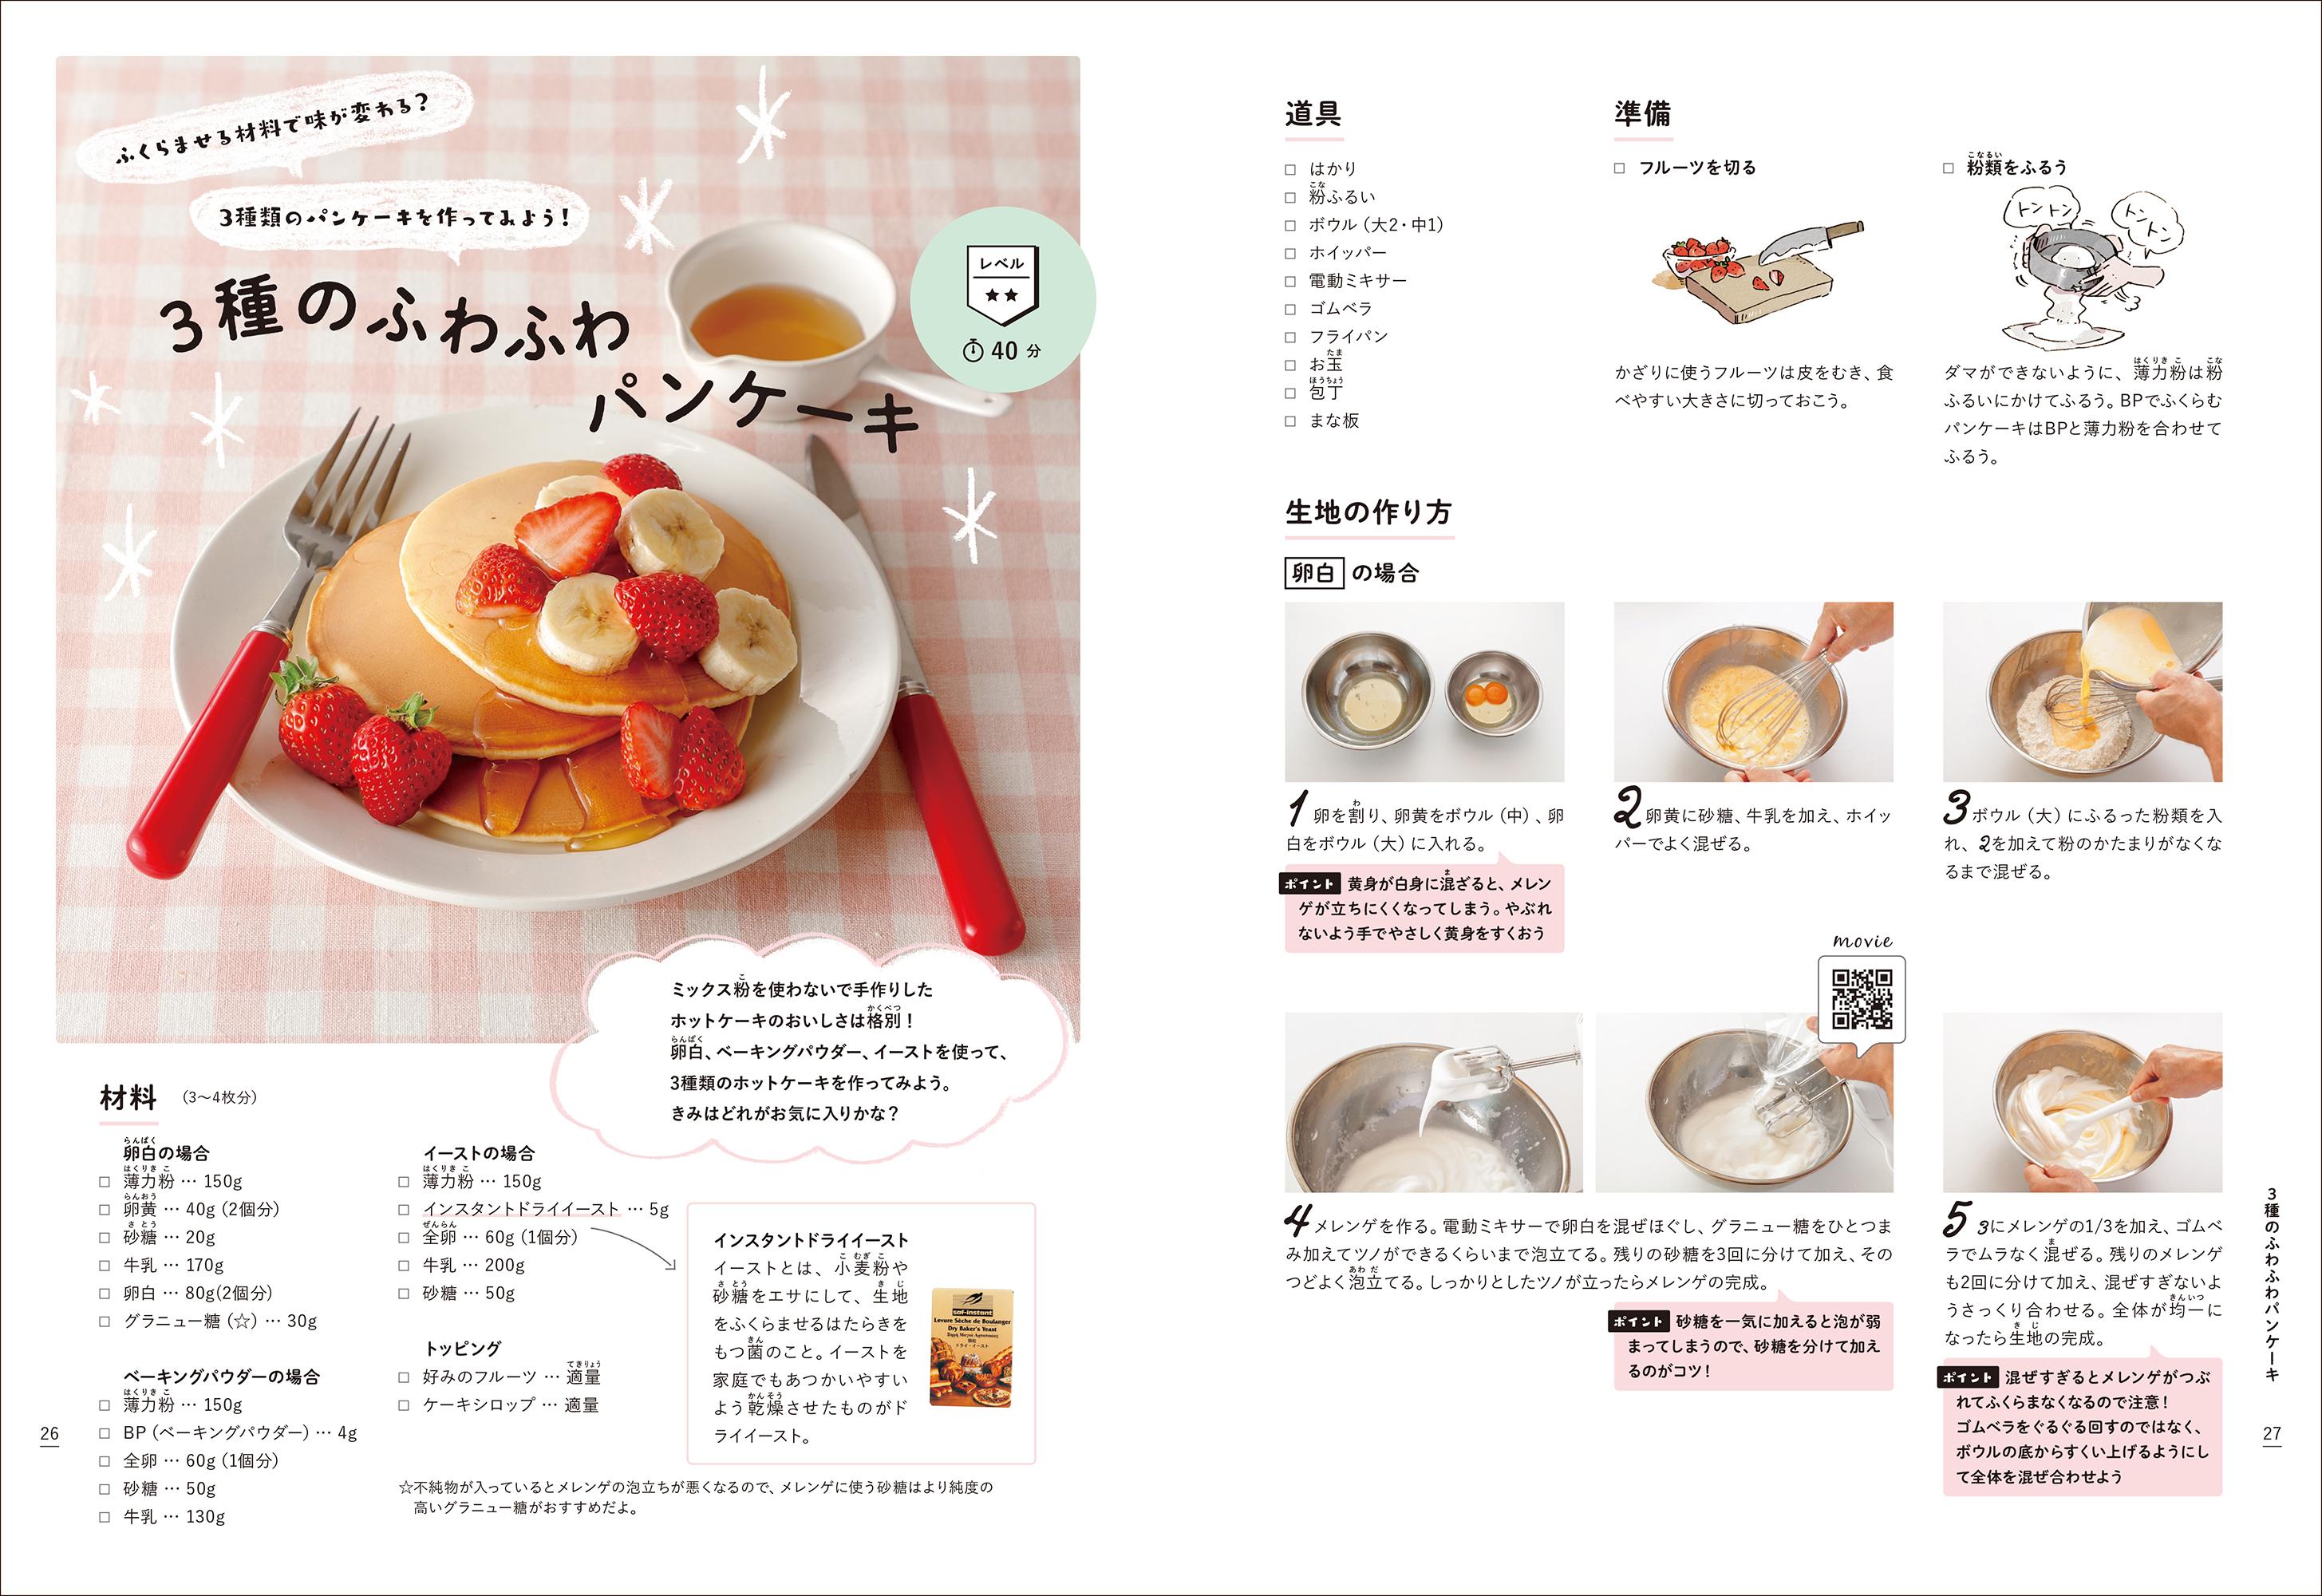 「お菓子作りのプロセスを、写真やイラストで紹介」本誌紙面